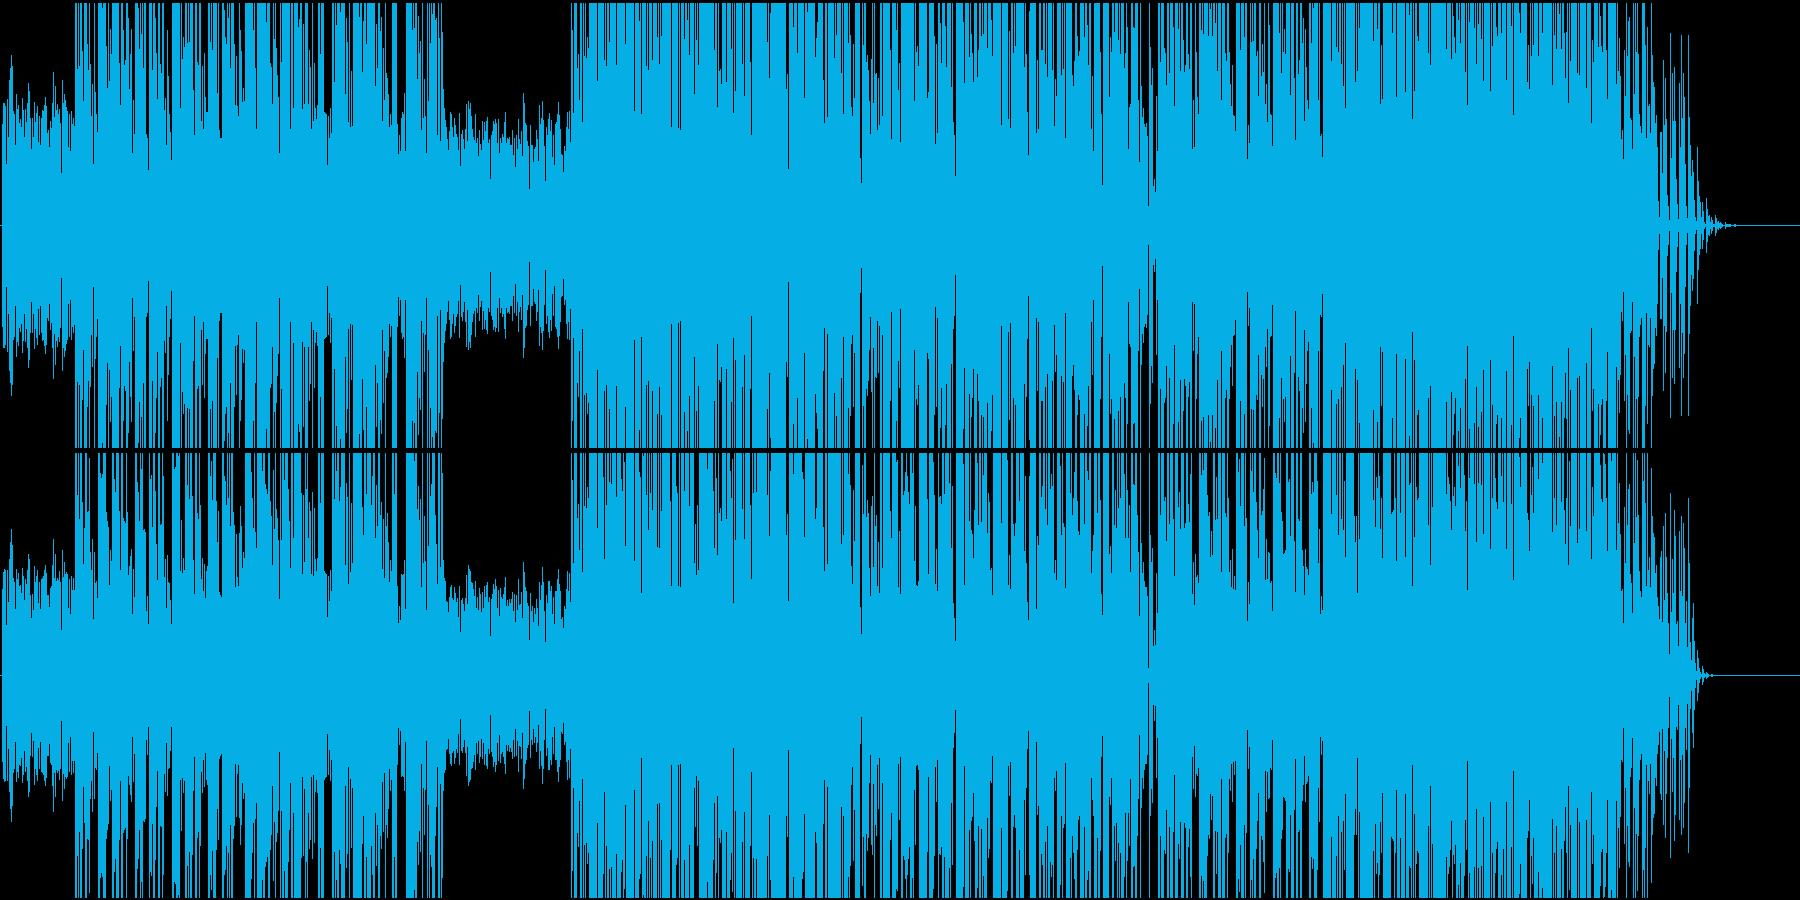 テンポが良く疾走感のあるBGMの再生済みの波形